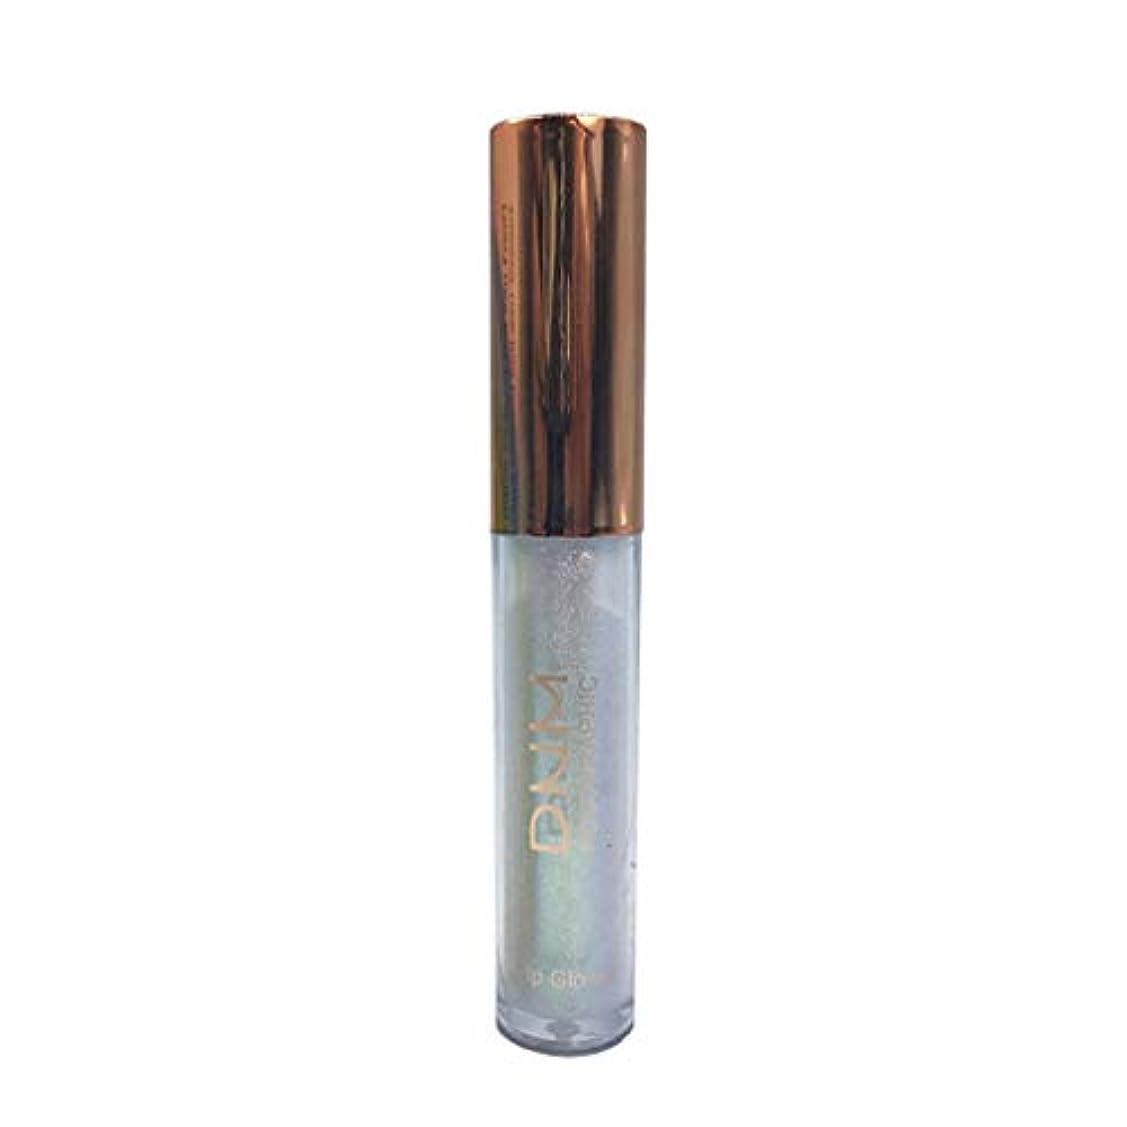 リップクリーム 液体 キラキラ ピンク 紫系 軽い 口紅 唇 リップバーム 光沢 分極 防水 長続き リップラインの色を鮮やかに描くルージュhuajuan (A)